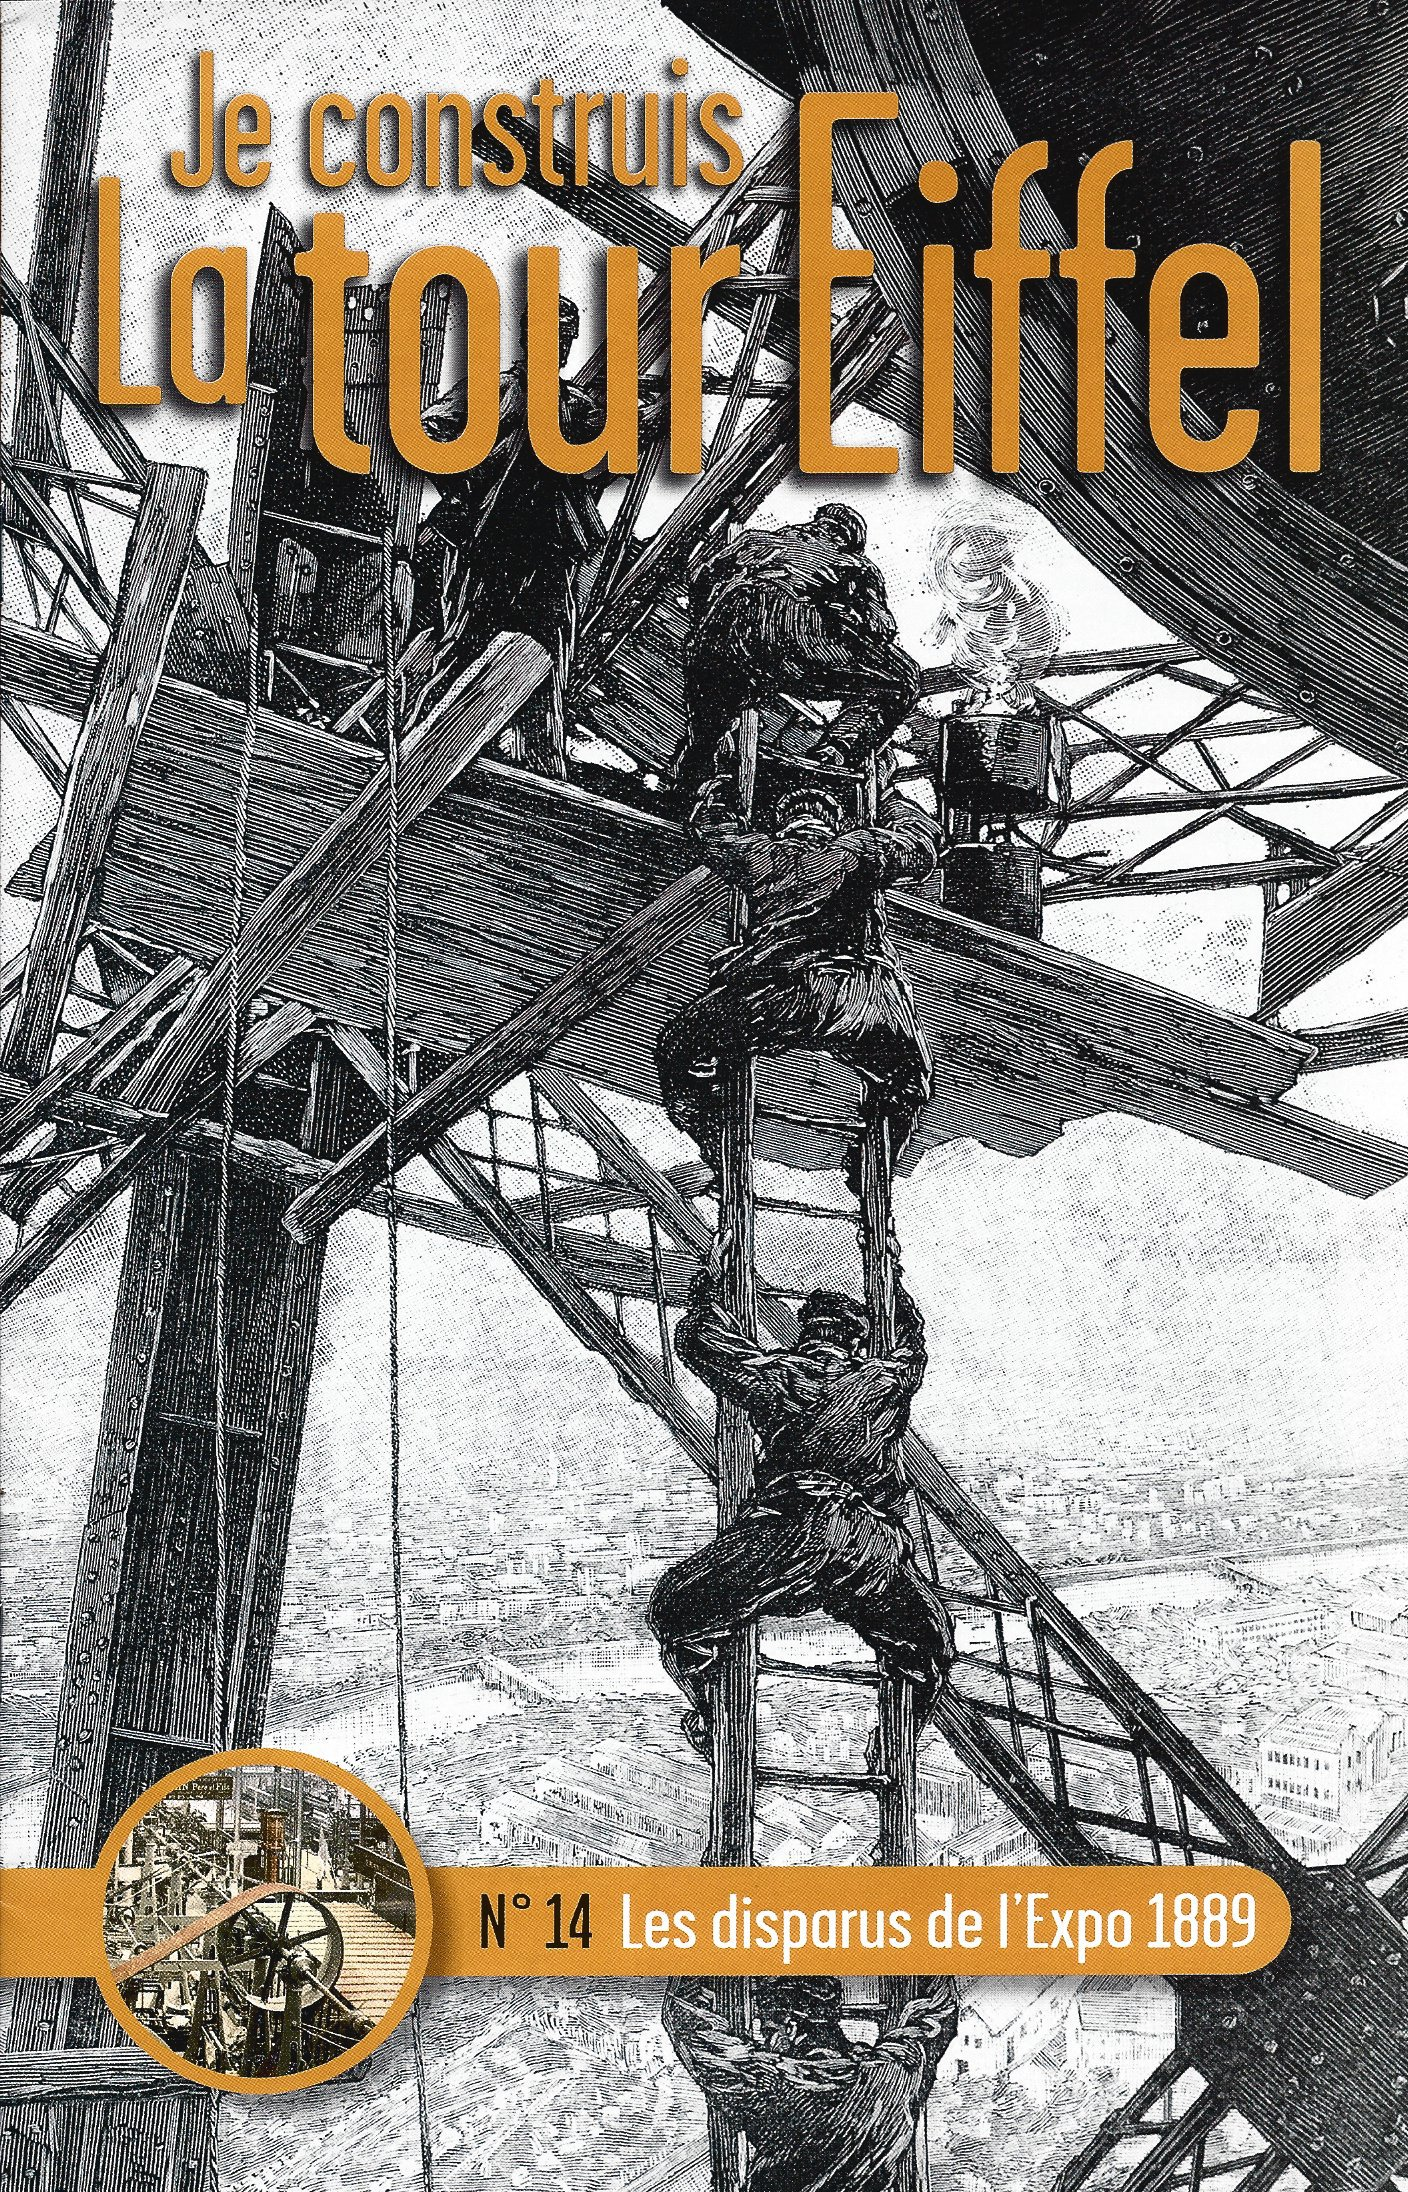 Numéro 14 - Je construis la Tour Eiffel - Les disparus de l'Expo 1889 55960714a